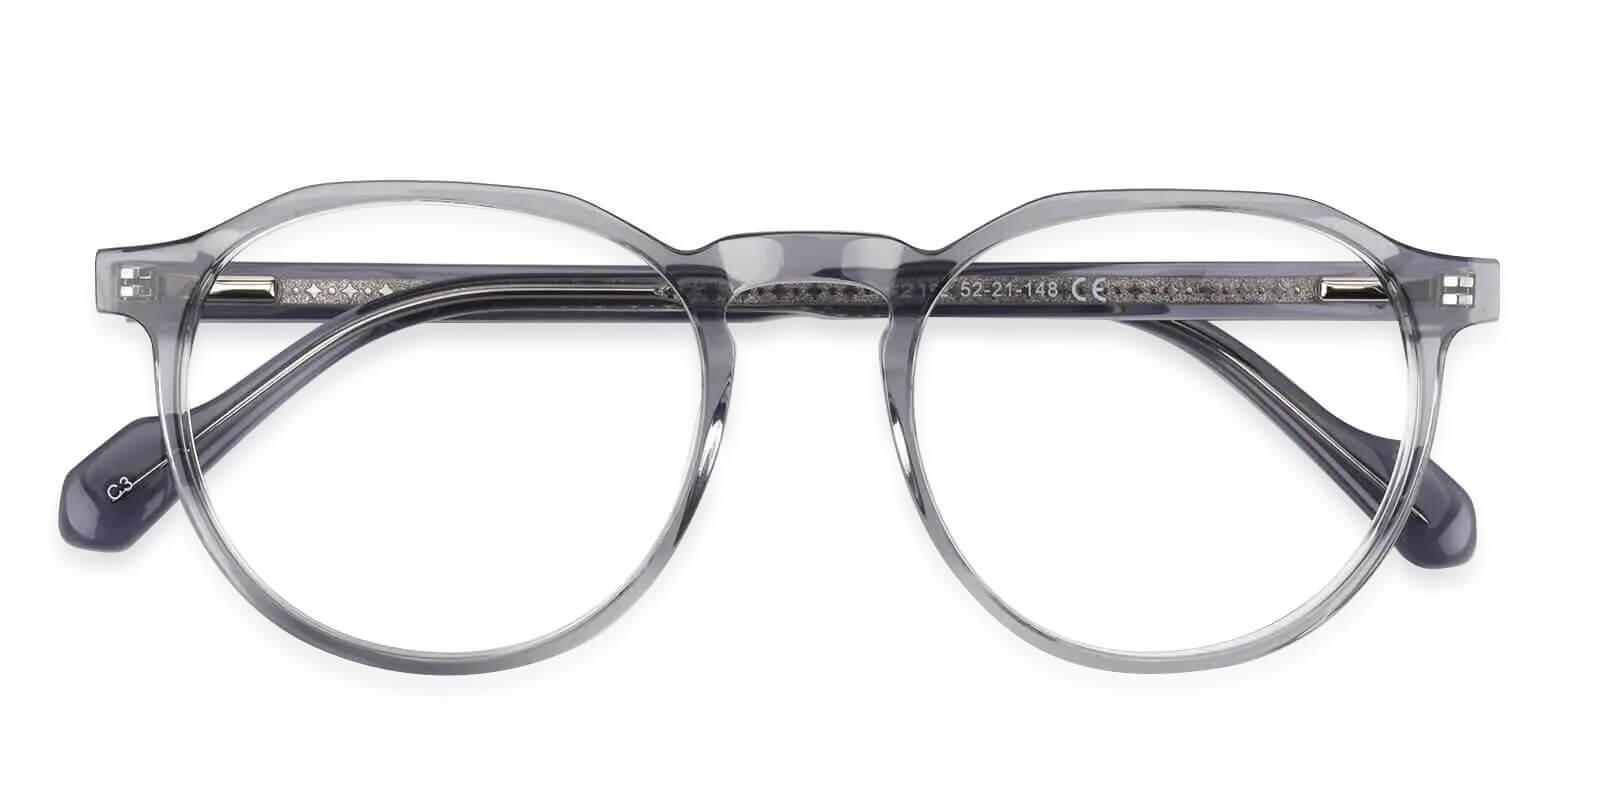 Carnival Gray Acetate Eyeglasses , SpringHinges , UniversalBridgeFit Frames from ABBE Glasses